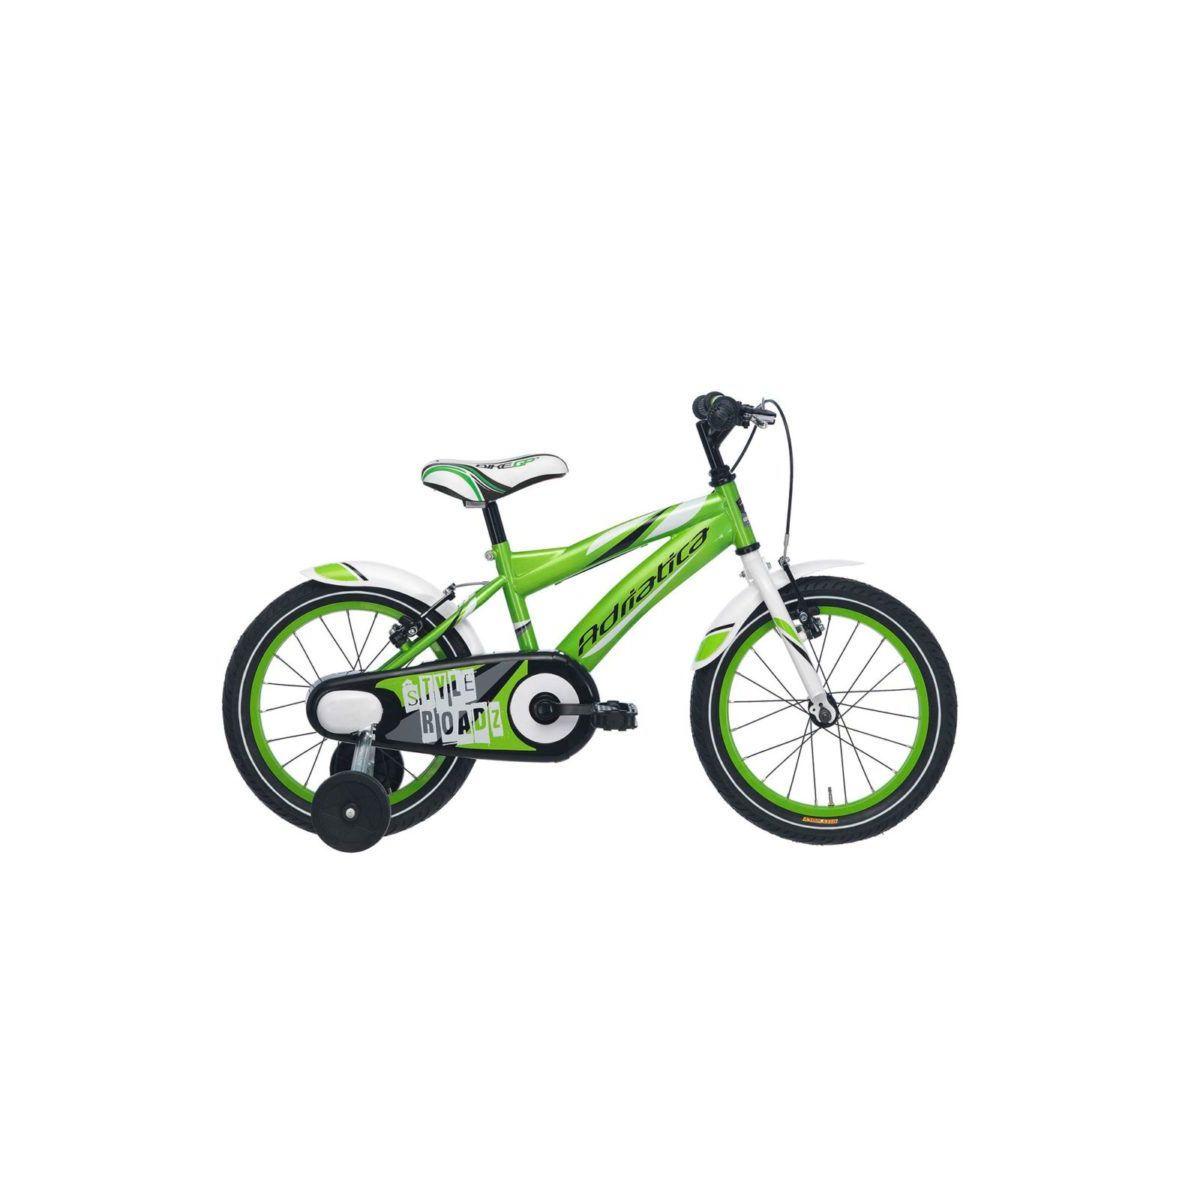 Bicicletta boy 12 verde